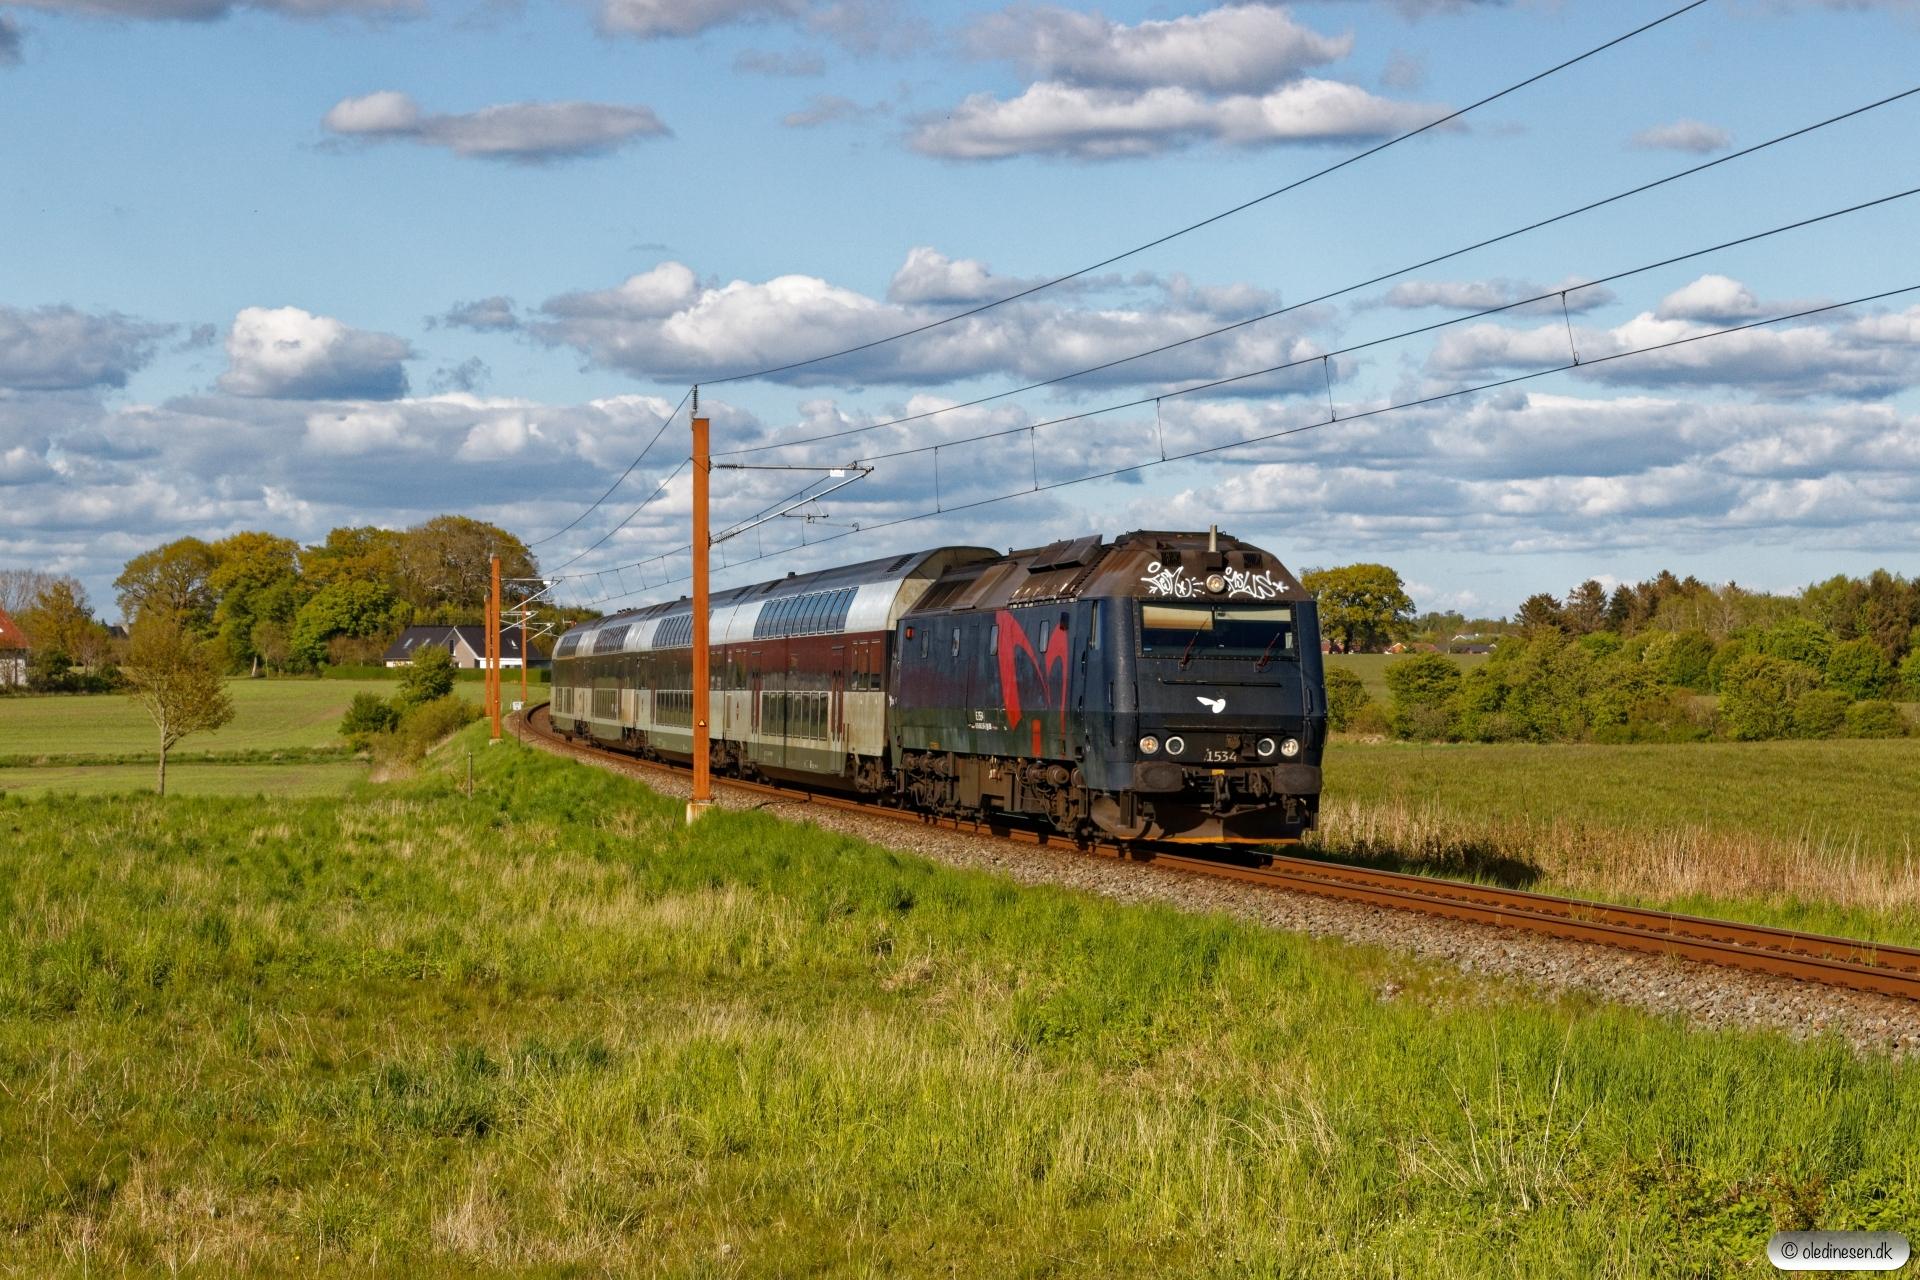 DSB ME 1534 med RØ 4865 Kj-Nf. Km 77,8 Kh (Haslev-Holme-Olstrup) 14.05.2020.